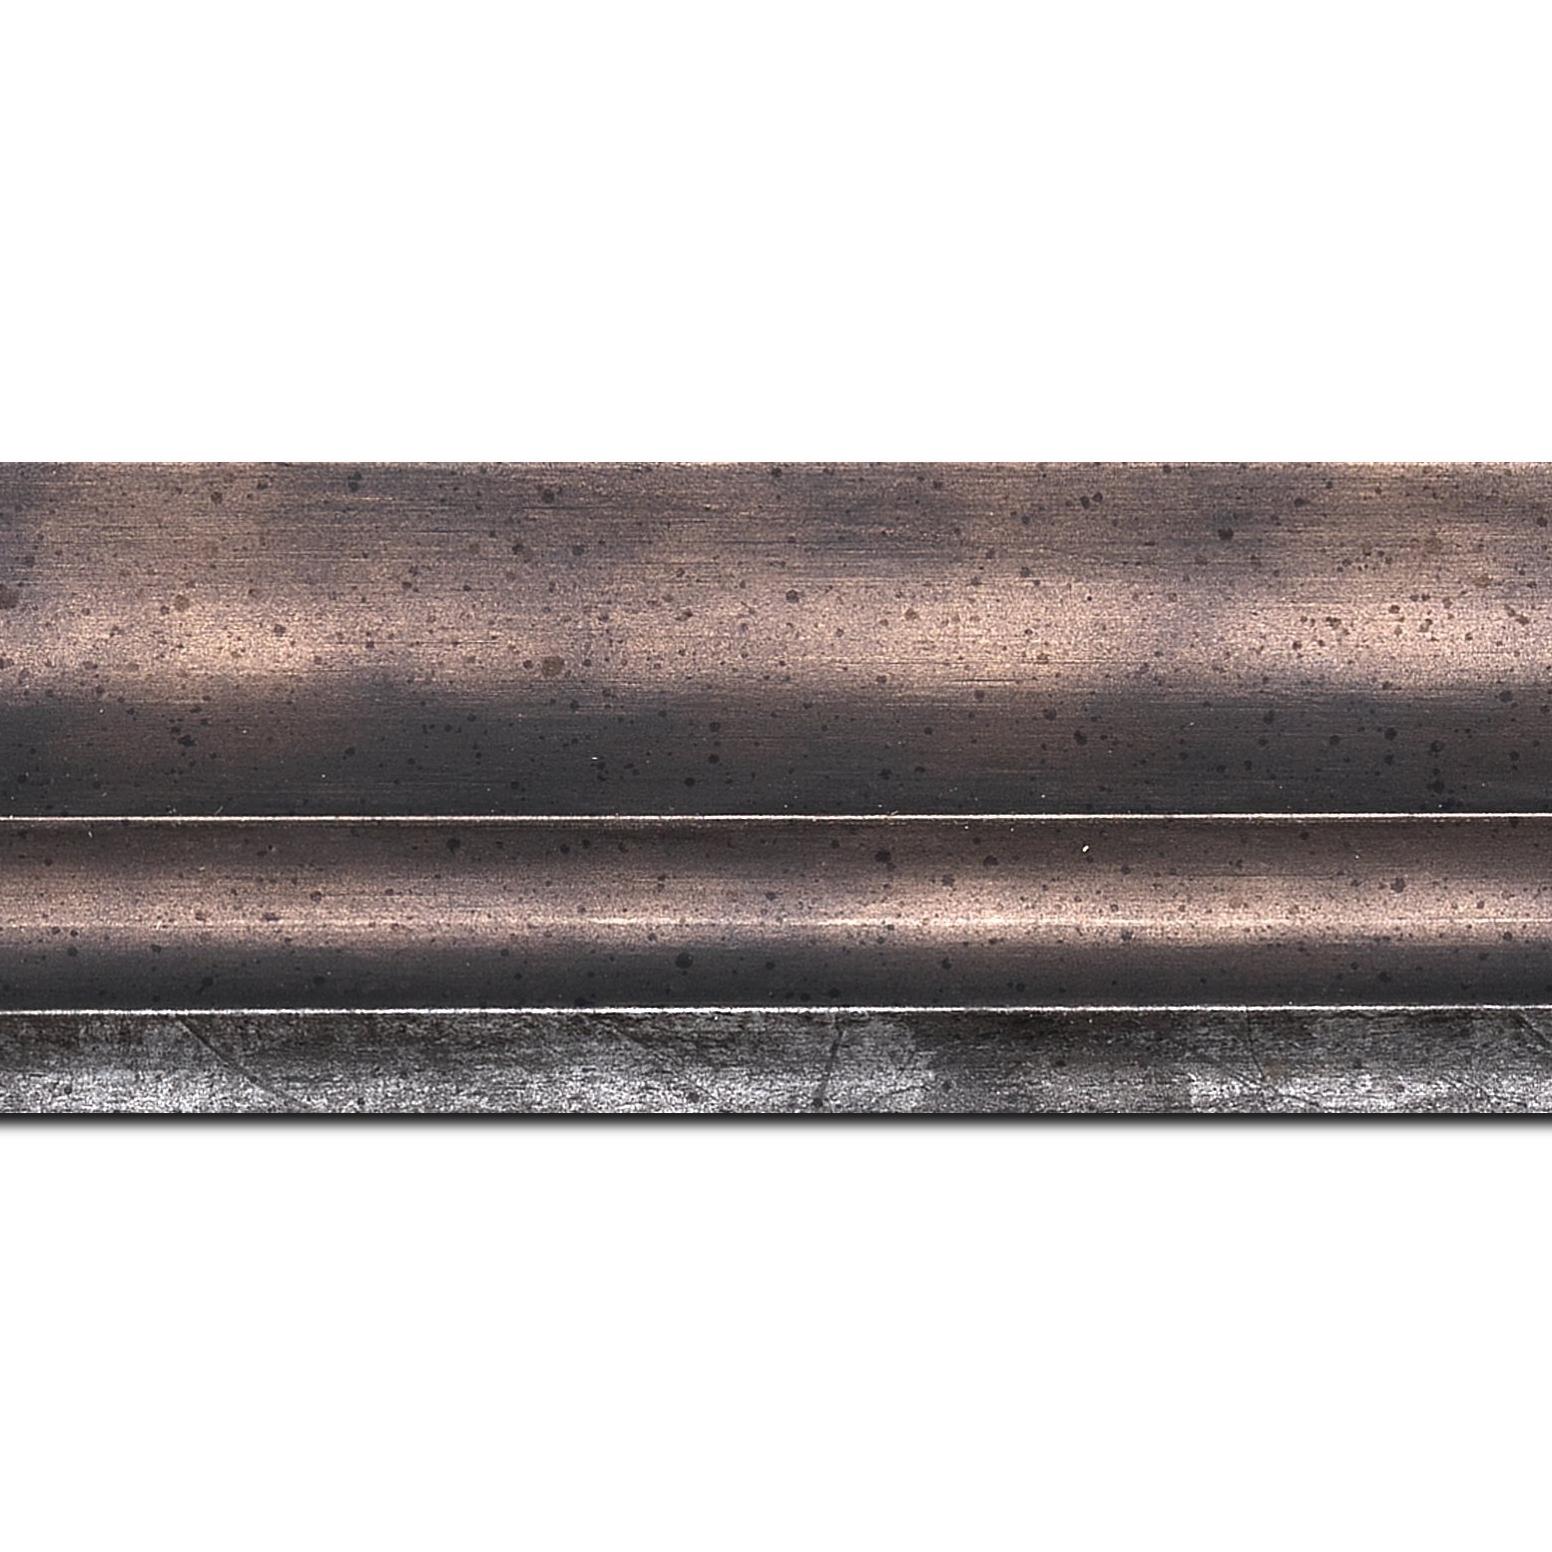 Baguette longueur 1.40m bois profil plat ondulé largeur 5.9cm plombs foncé